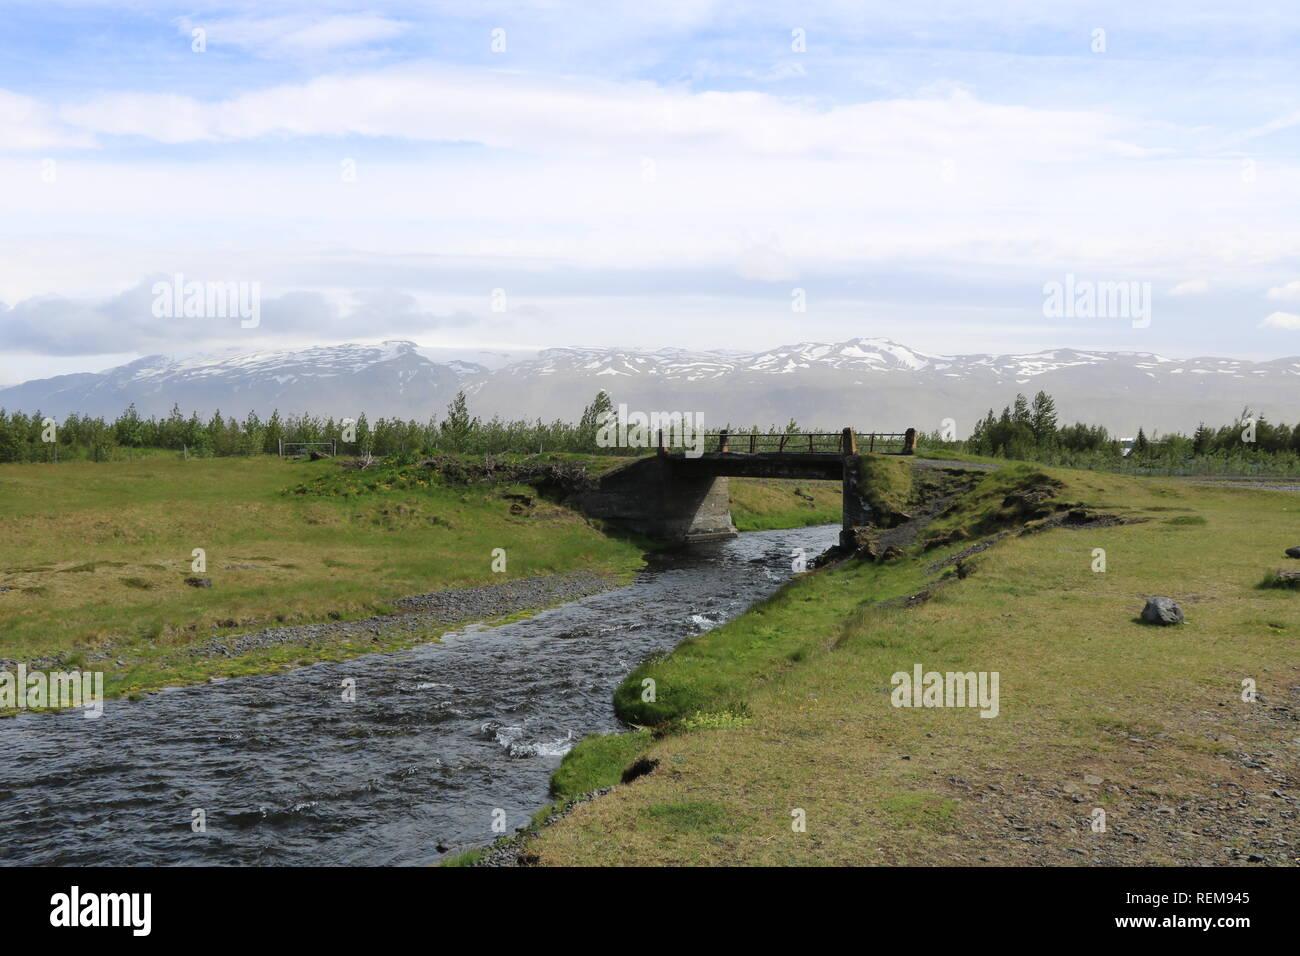 Brücke über Fluss mit Schnee und Bergen im Hintergrund in Island - Stock Image